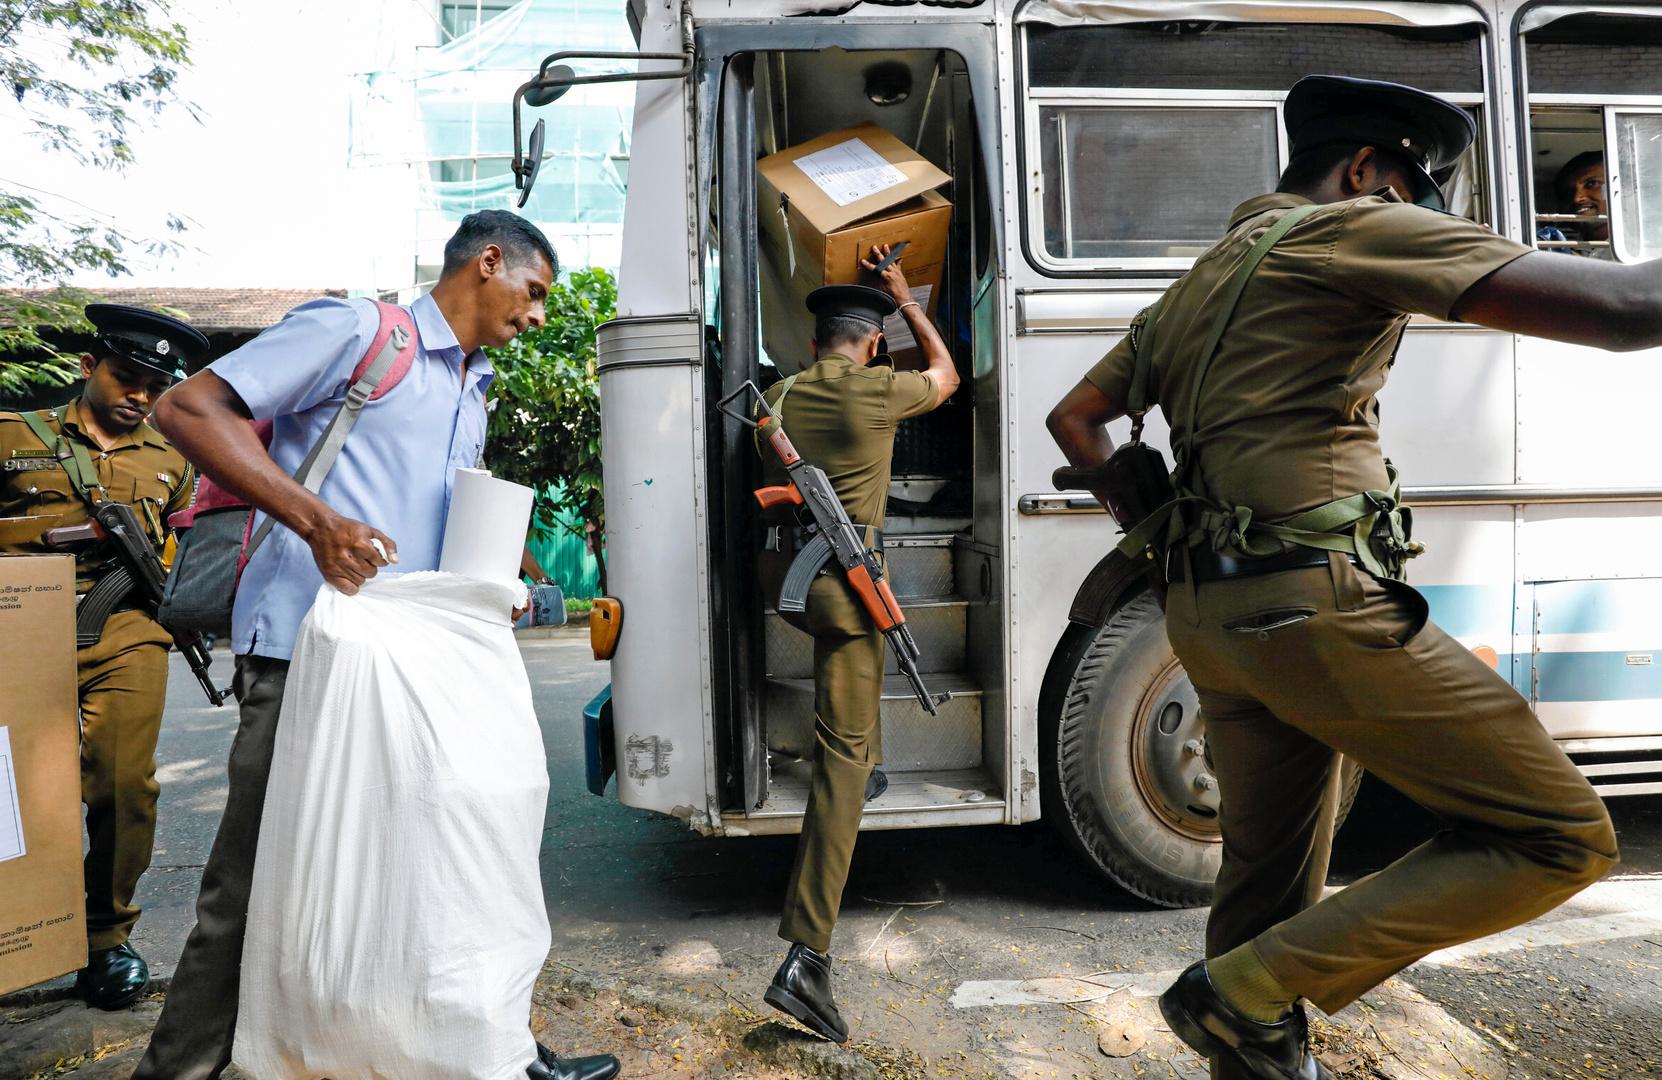 هجوم مسلح في سريلانكا يستهدف حافلات تقل مسلمين للمشاركة في الانتخابات